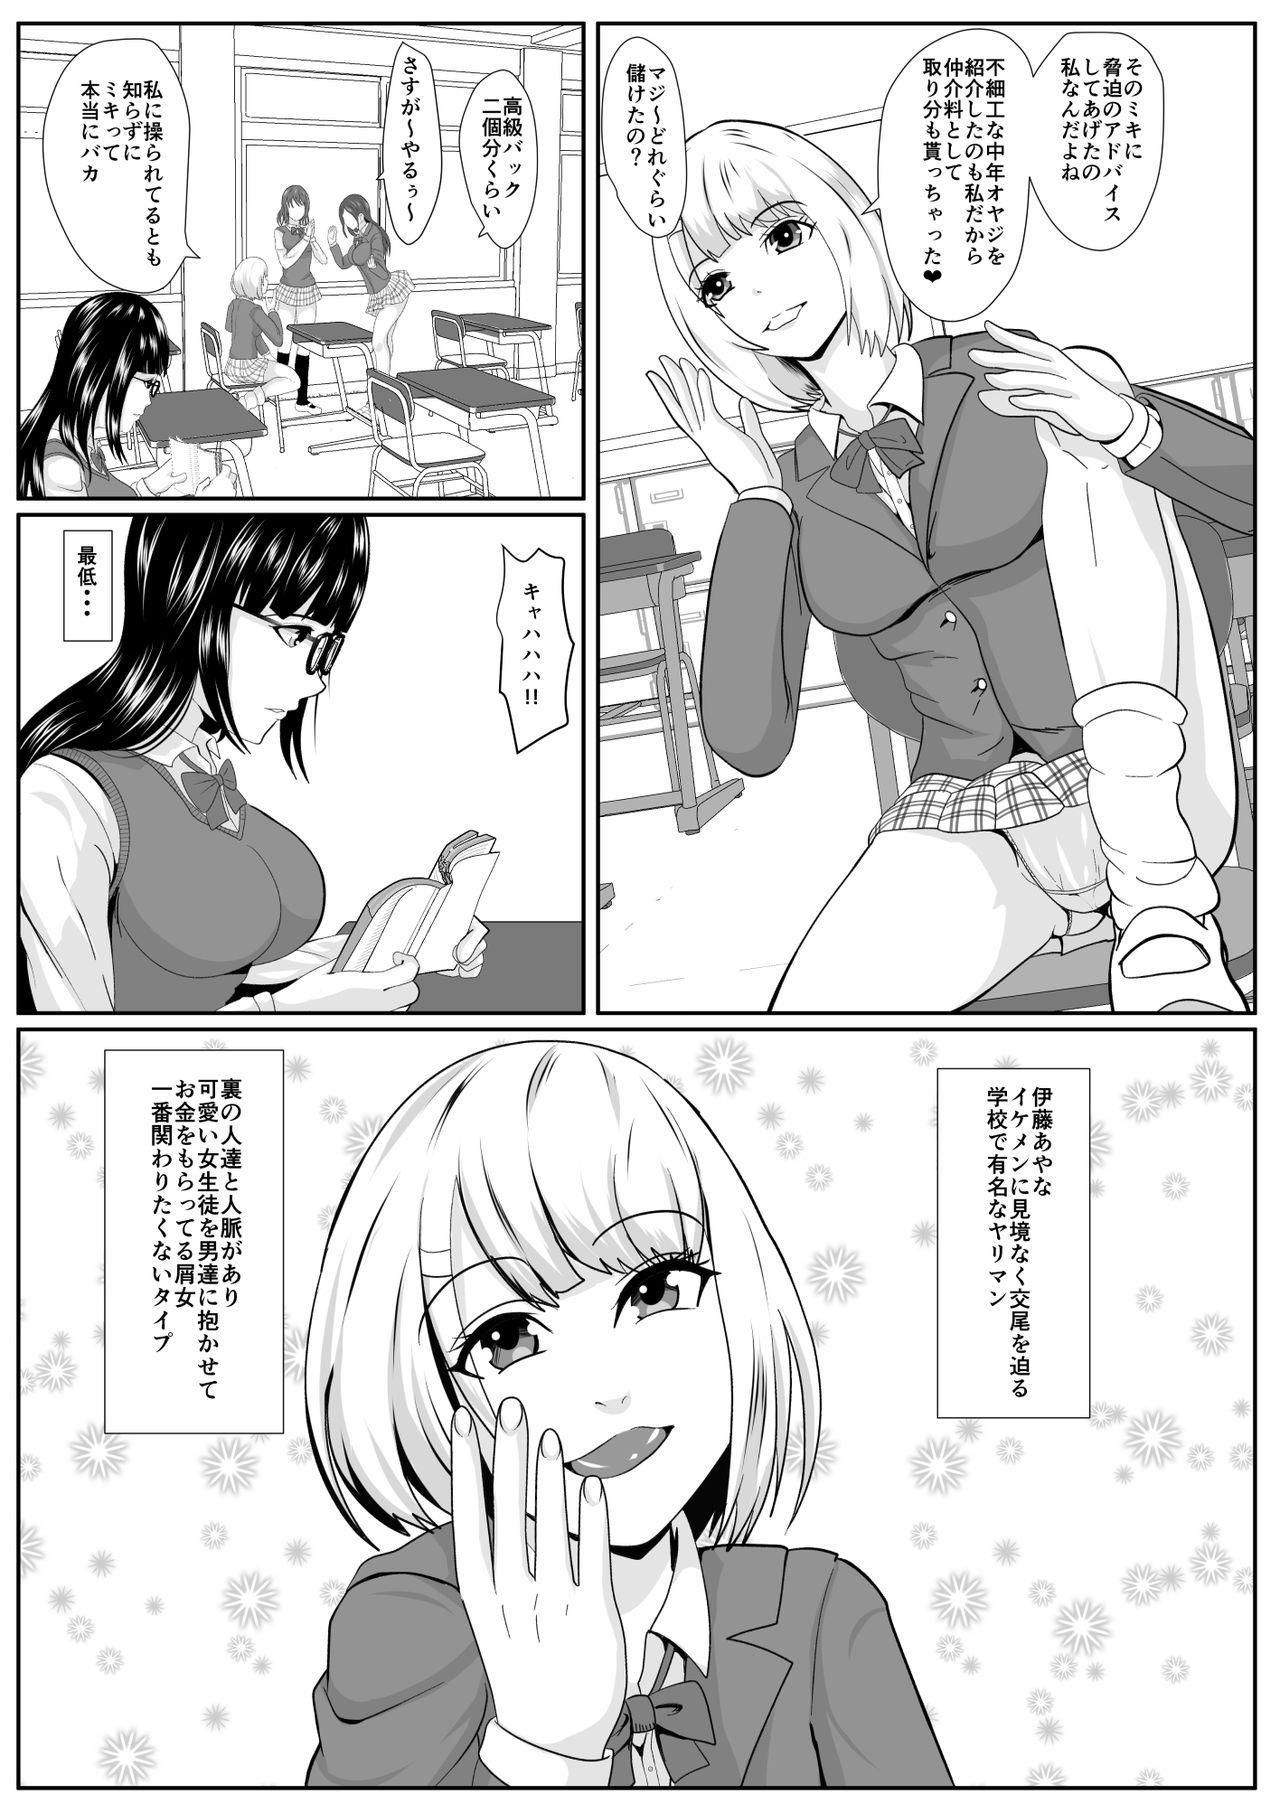 Sakasama 2